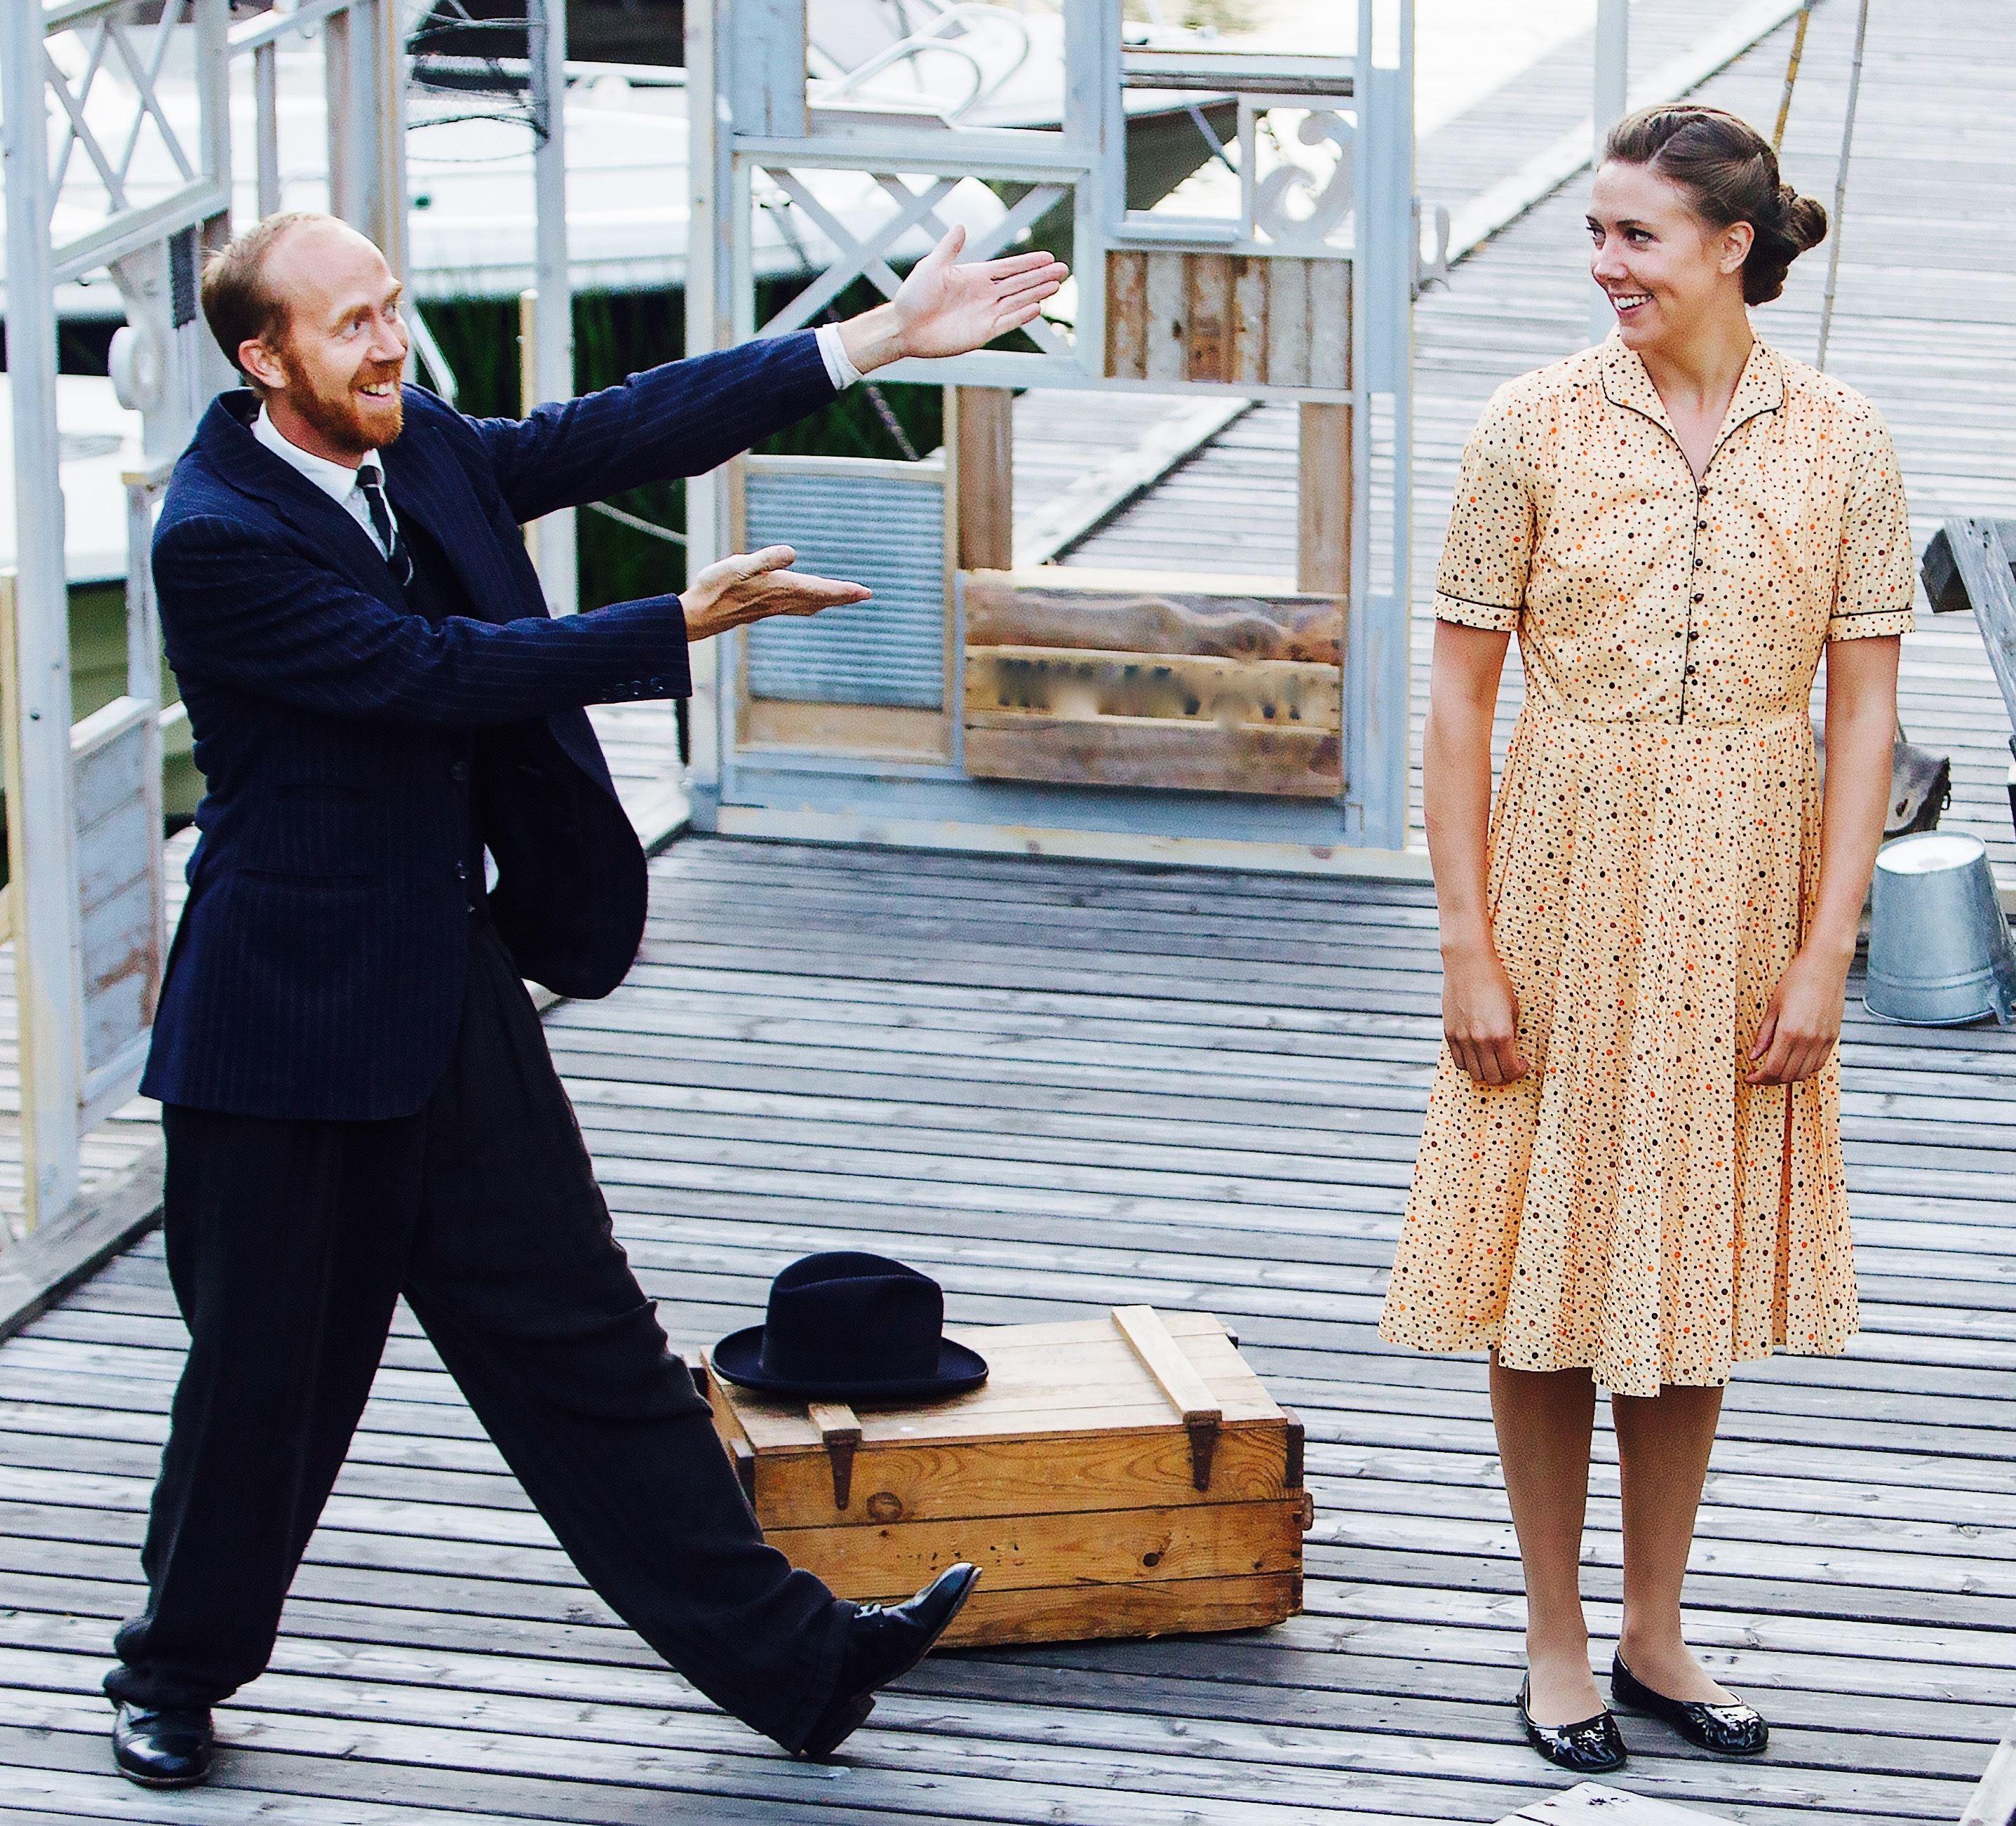 Torsdagsteater i det fria, dramakomedin Talley´s Folly av Lanford Wilson.